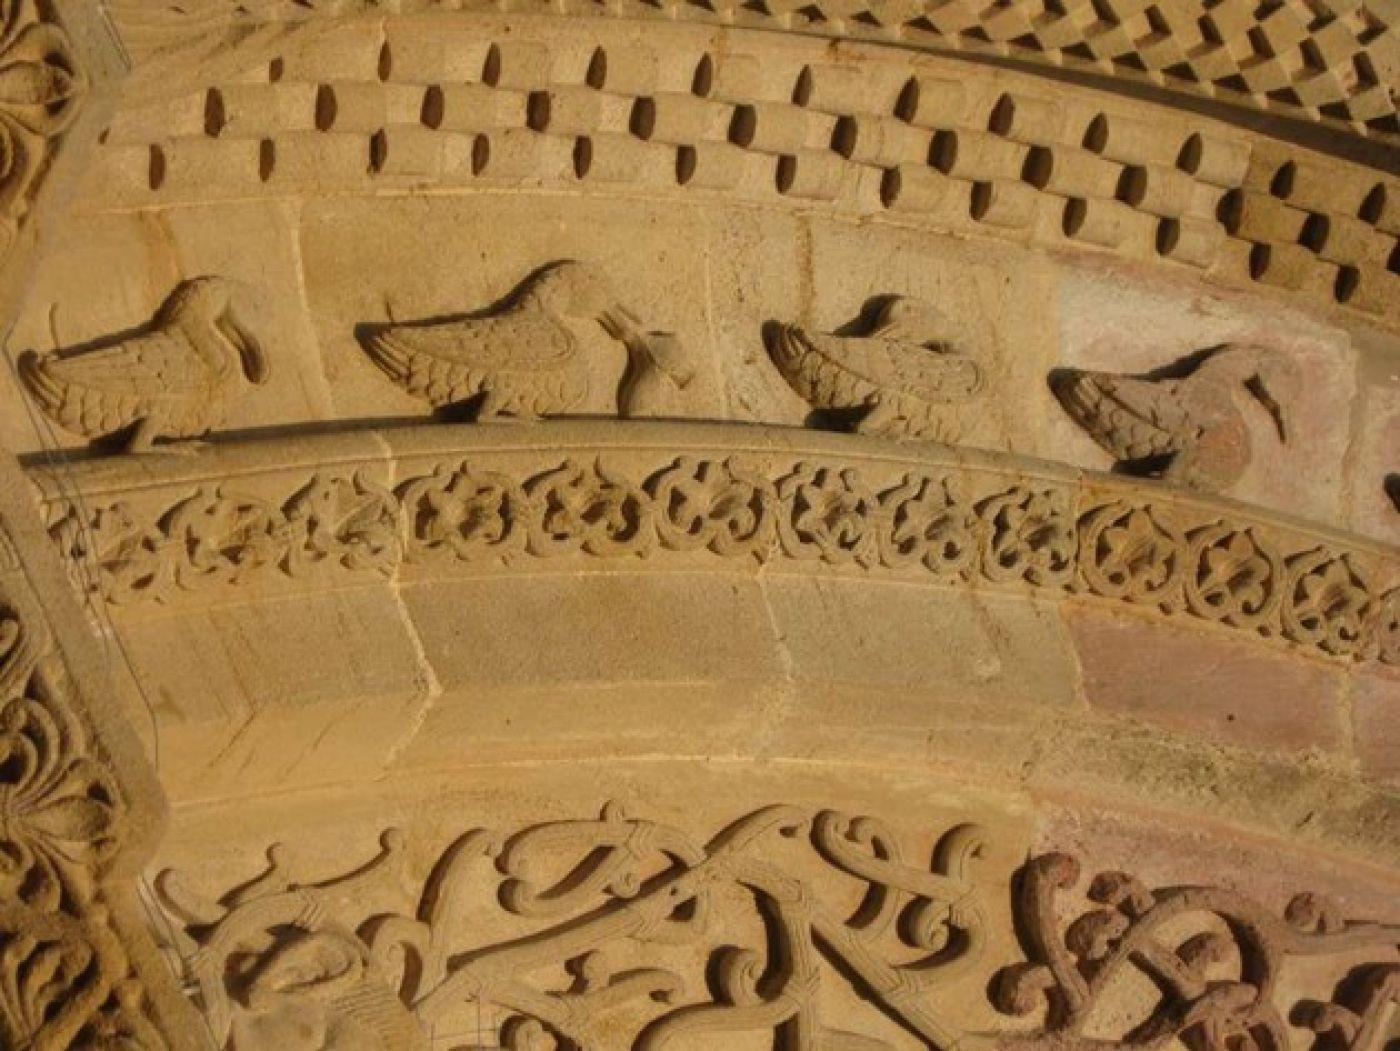 Canards visibles sur l'église de Morlaas.